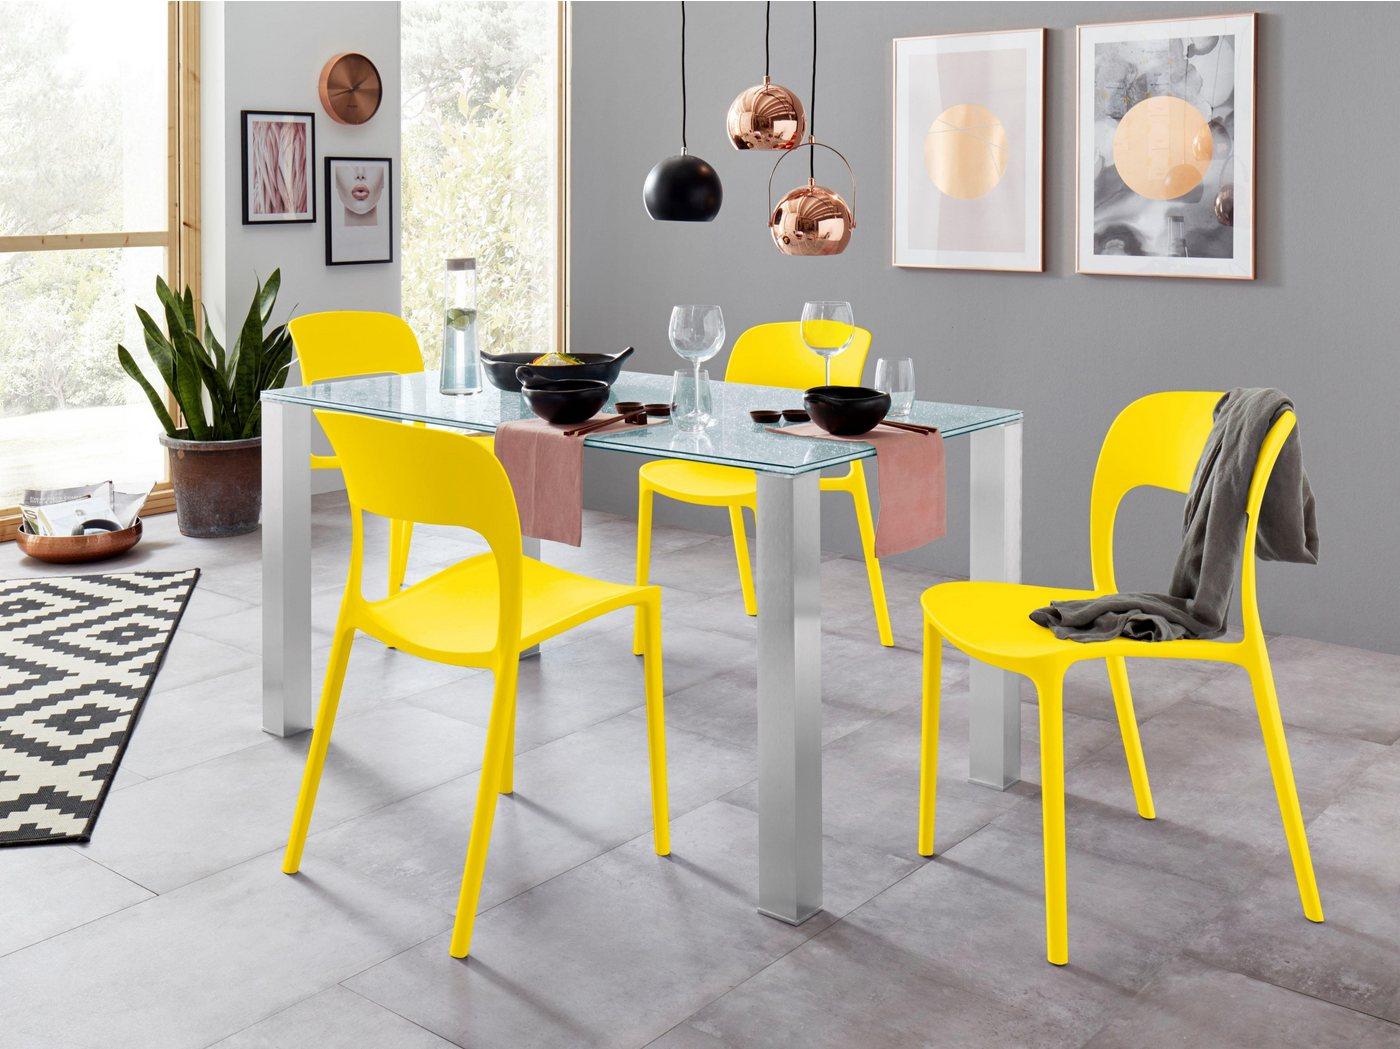 OTTO Essgruppe mit Glastisch und 4 Stühlen gelb  Essgruppe